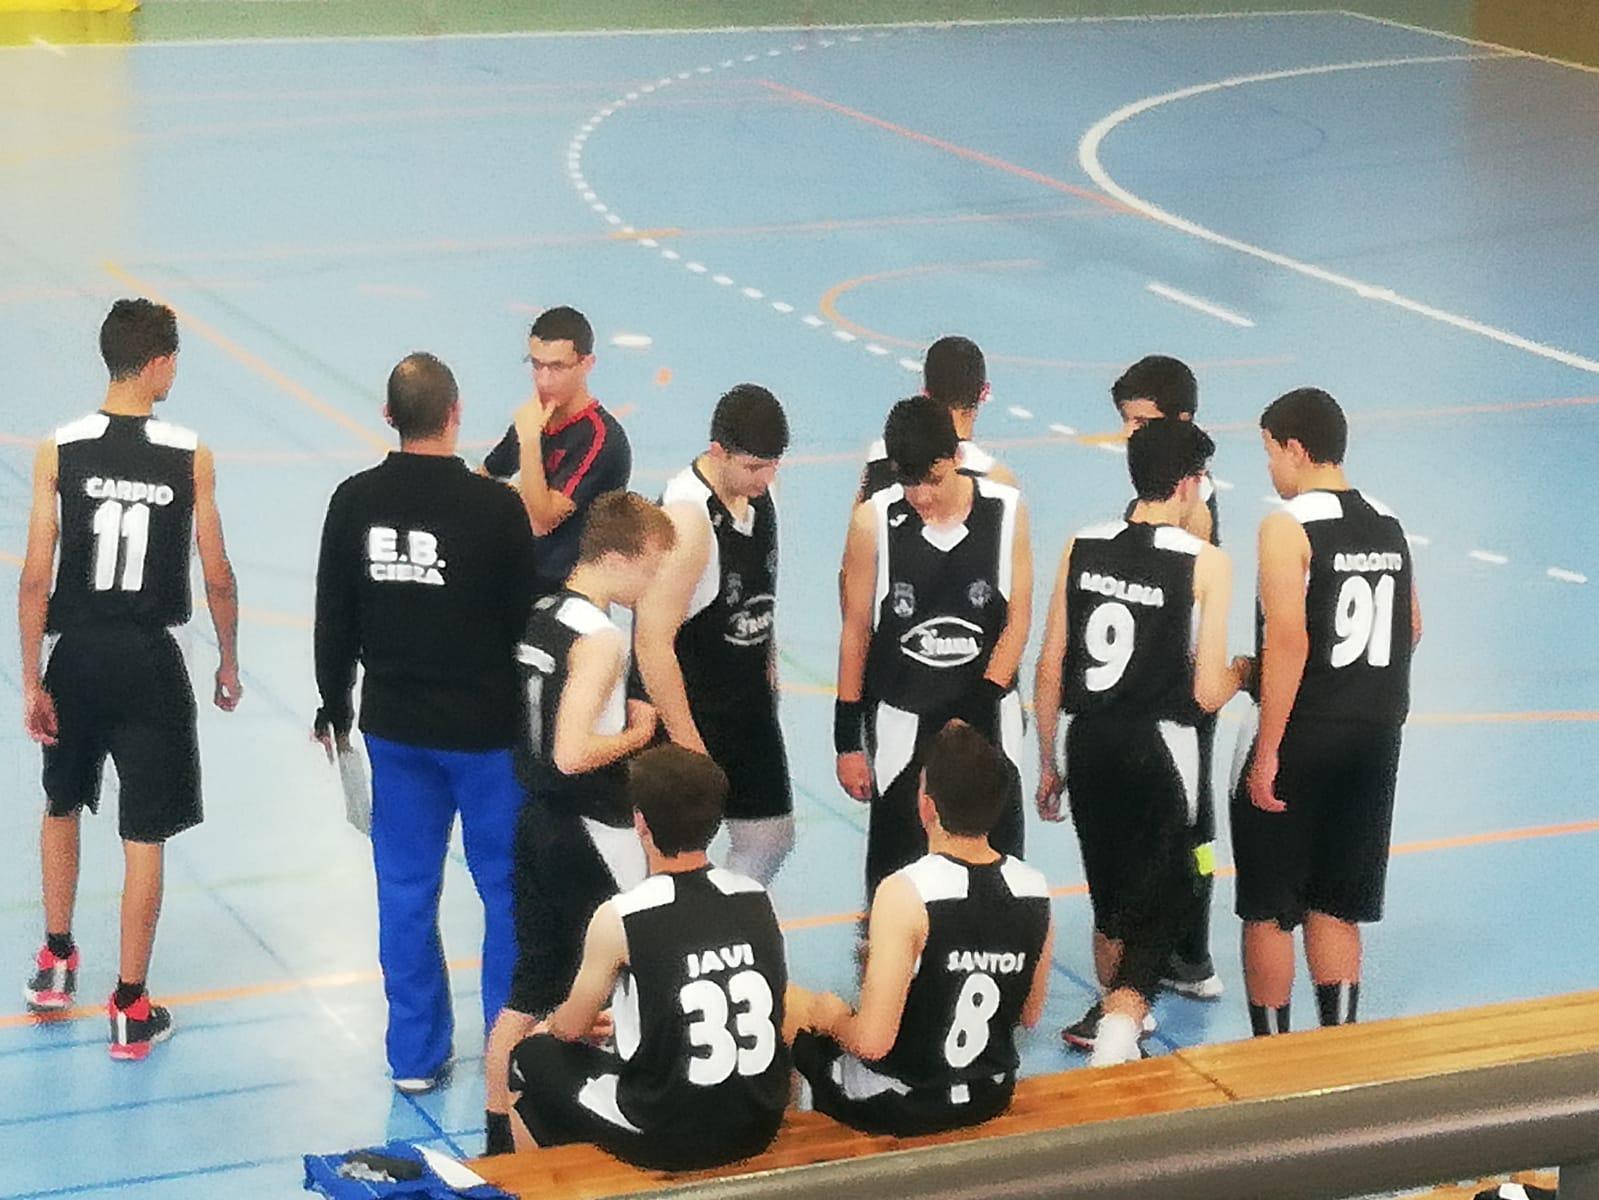 pleno-de-victorias-para-los-equipos-del-cieza-escuela-de-baloncesto